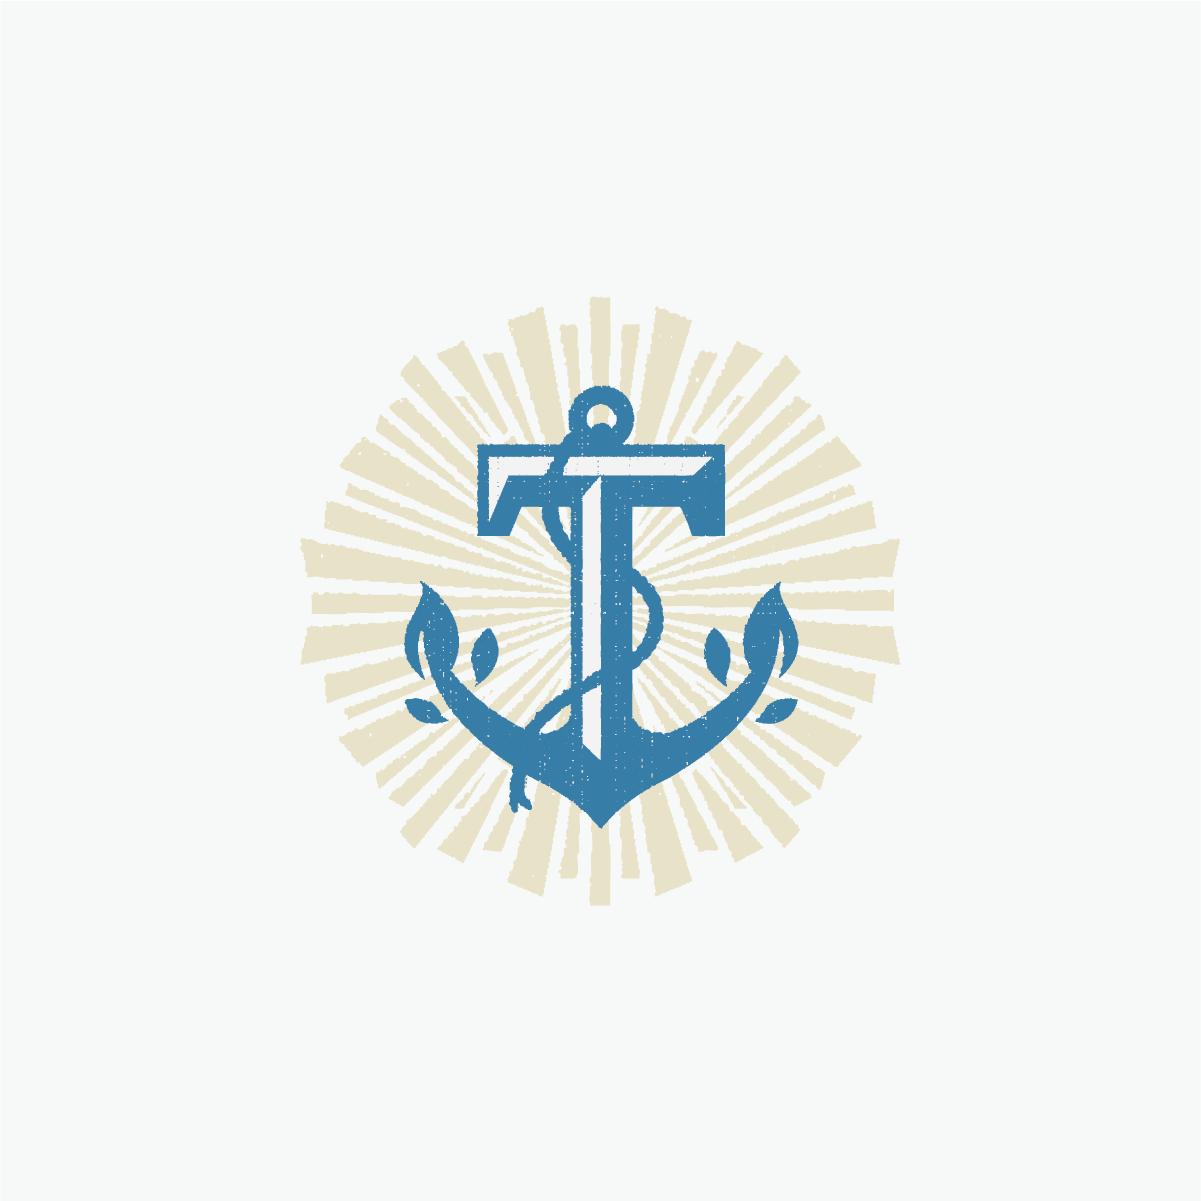 JD_Logos-29.png